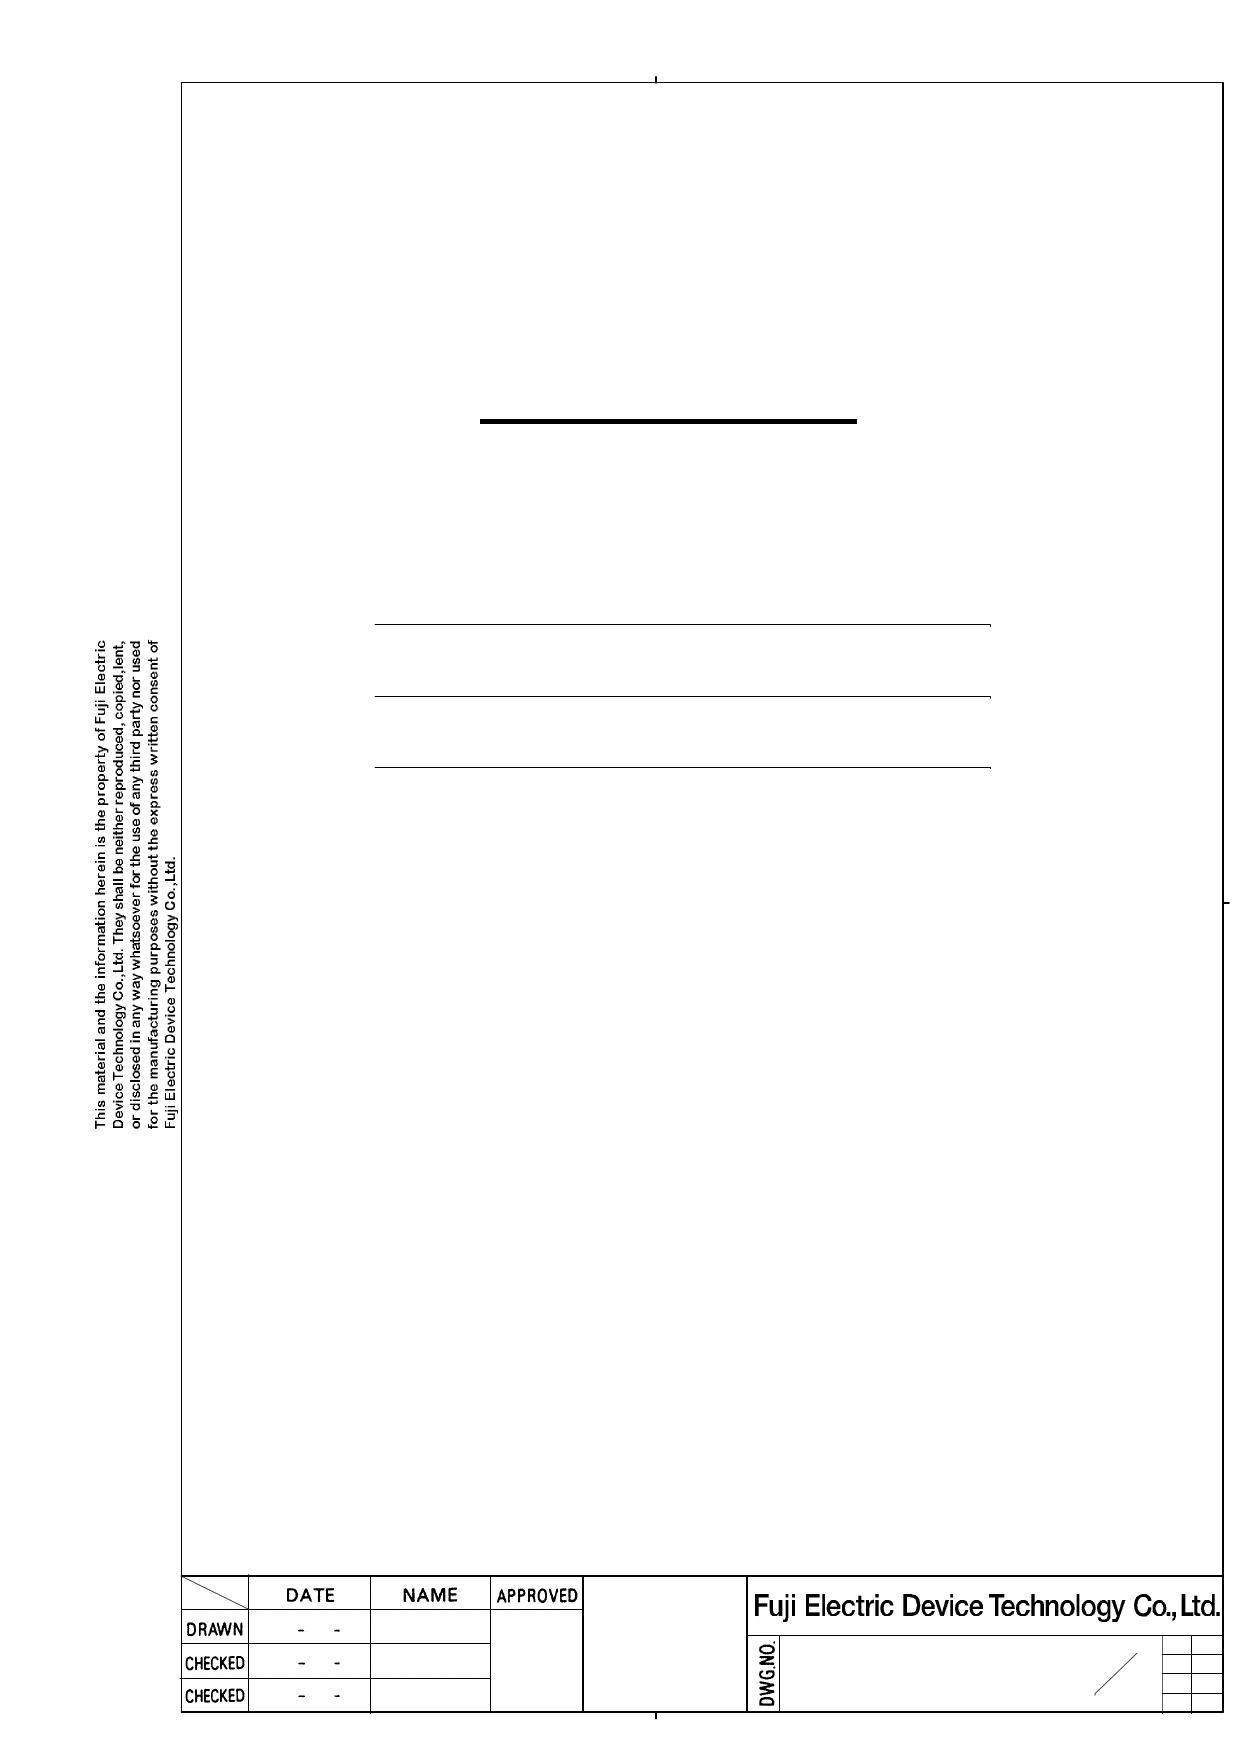 2MBI150U4B-120 Даташит, Описание, Даташиты